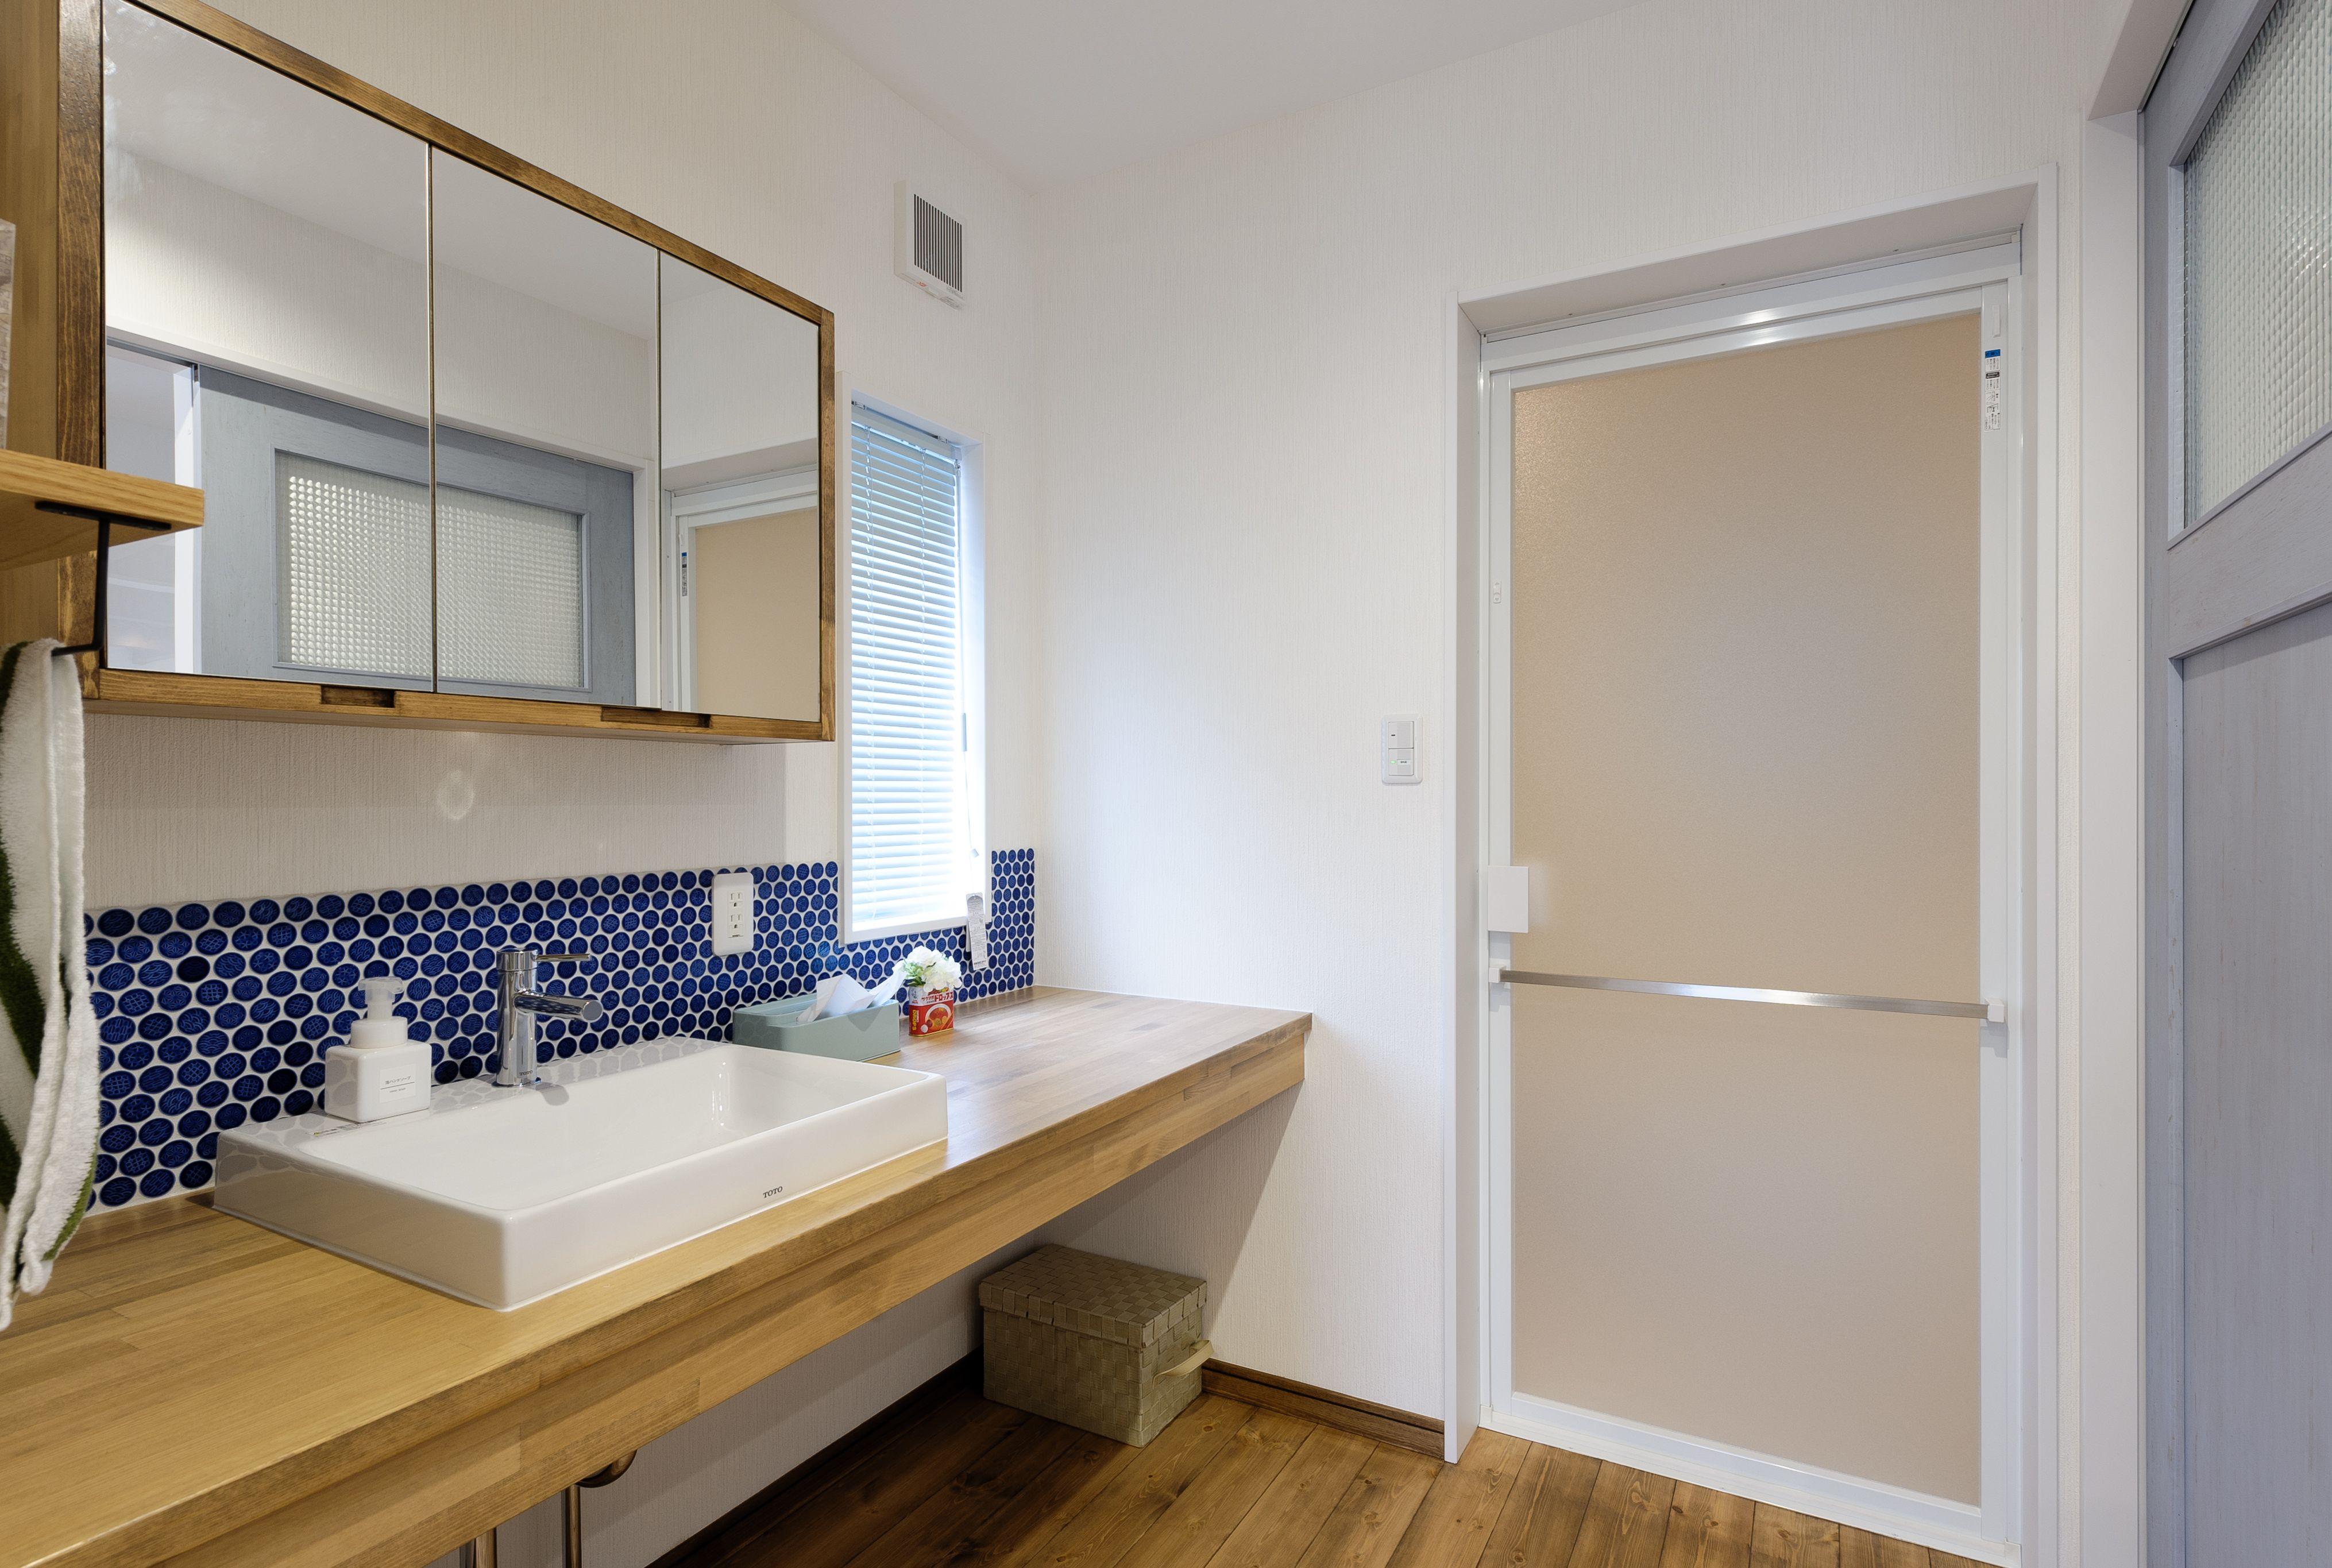 小布施町の注文住宅写真集 収納アイデアが満載 カフェ風の家 浴室